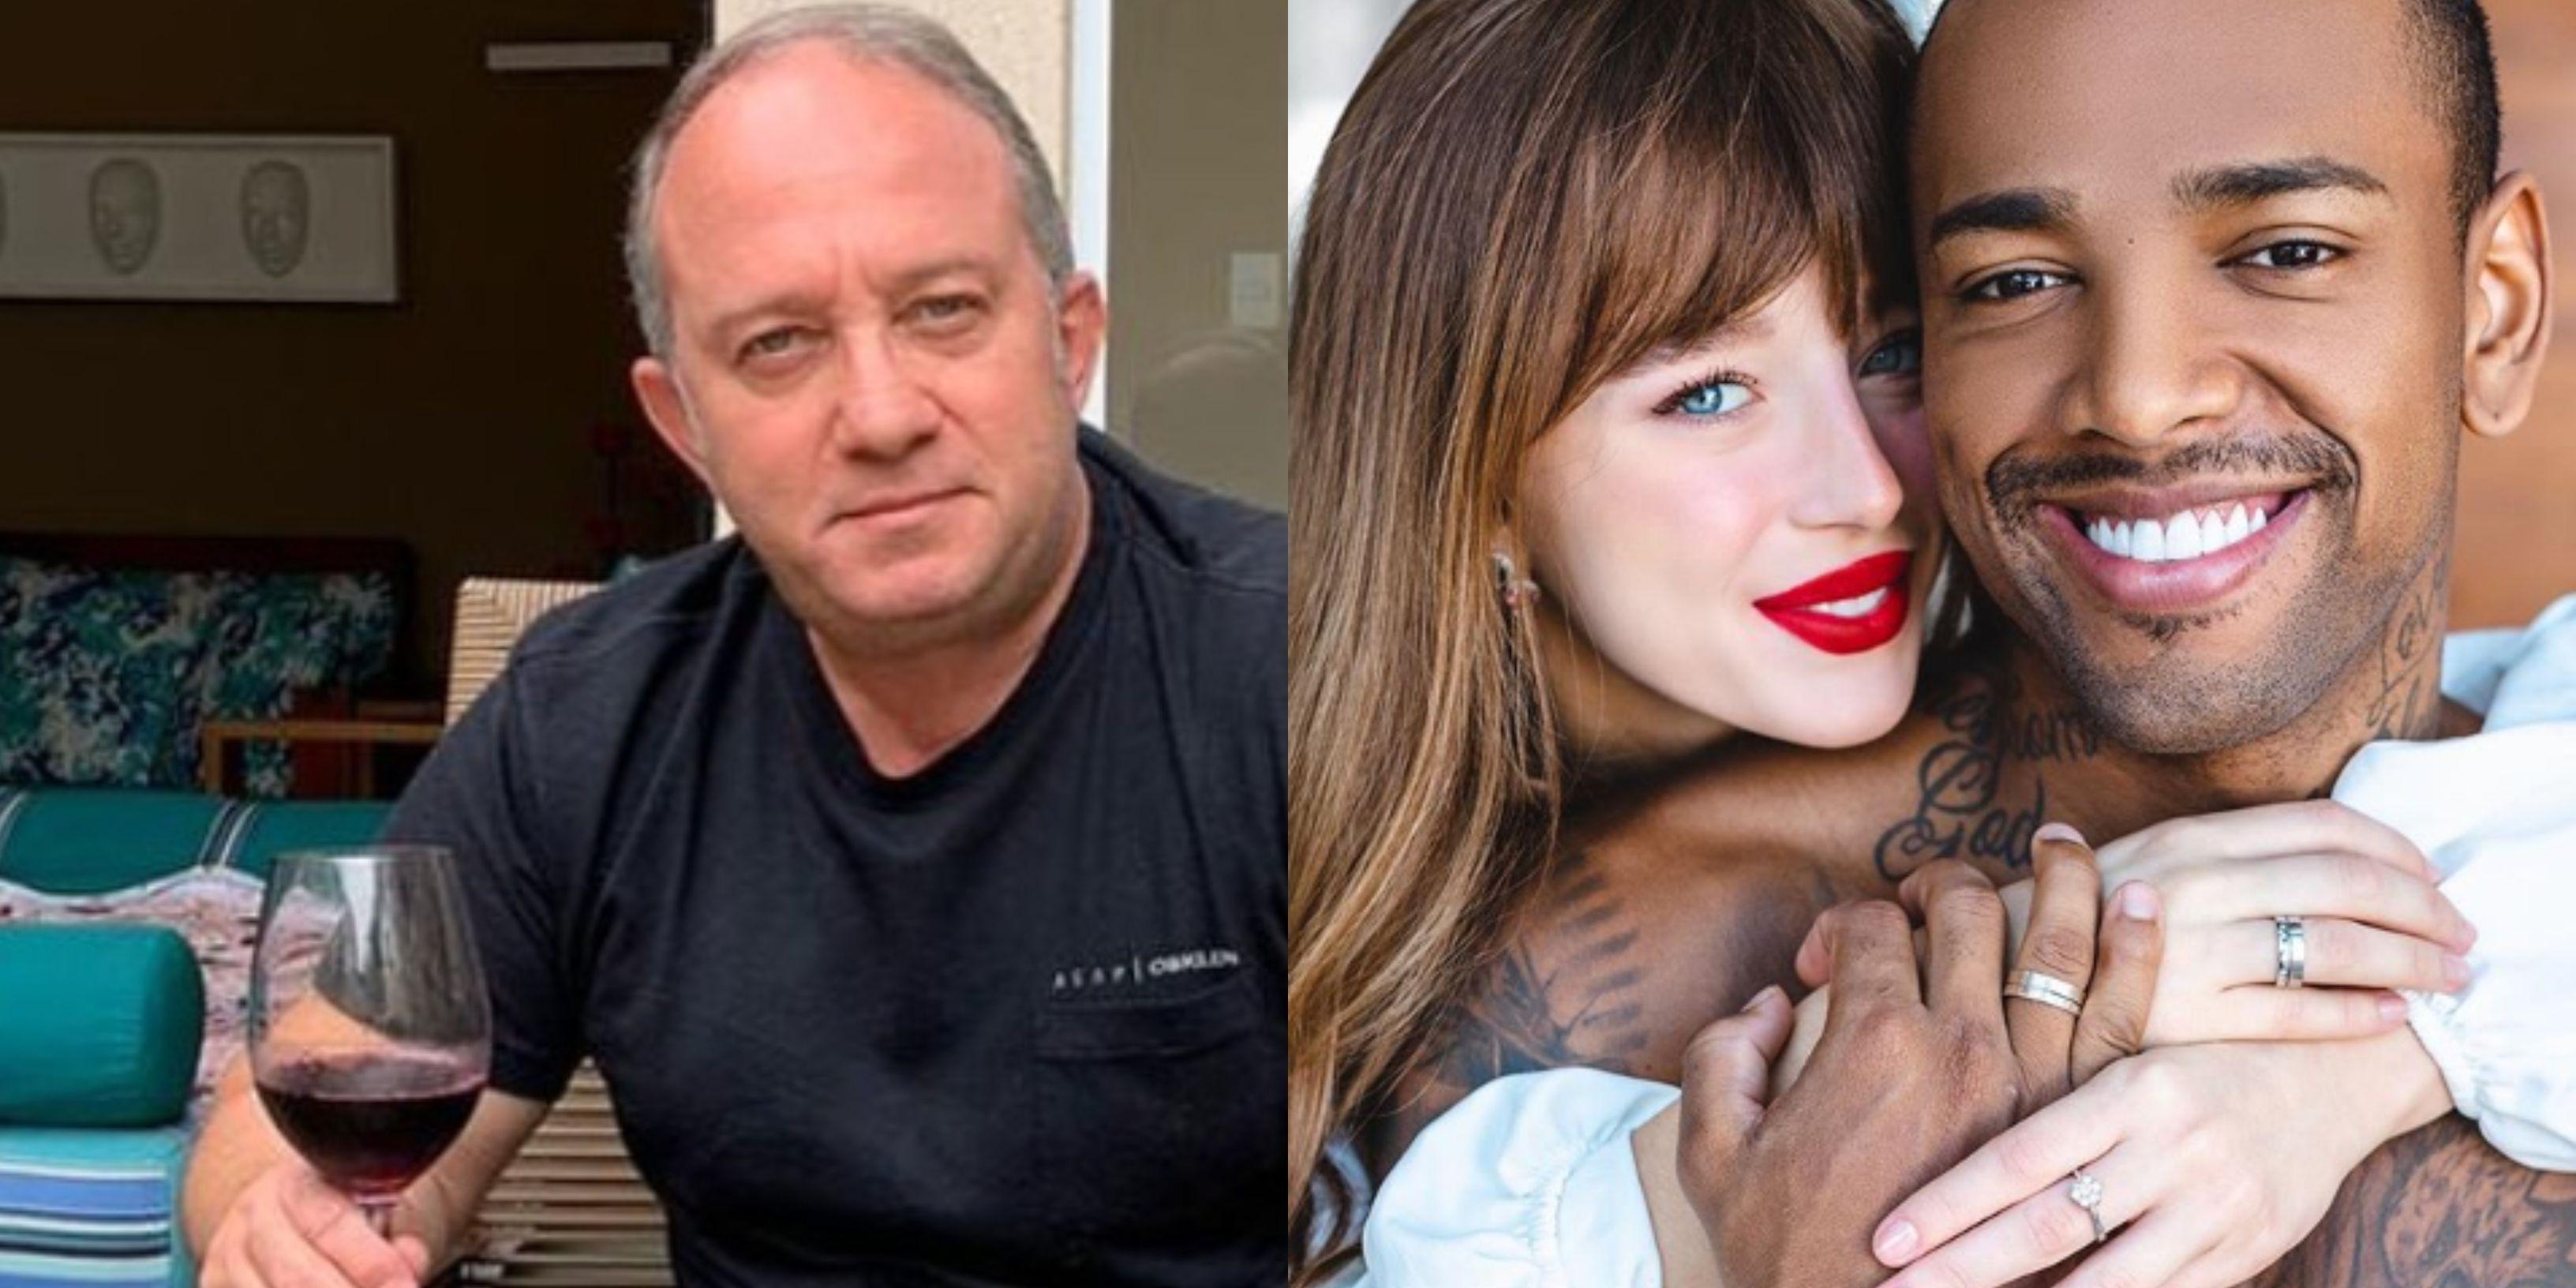 Pai de Duda acusa Nego do Borel de mandar fotos para provocar sogra - Imagem 1